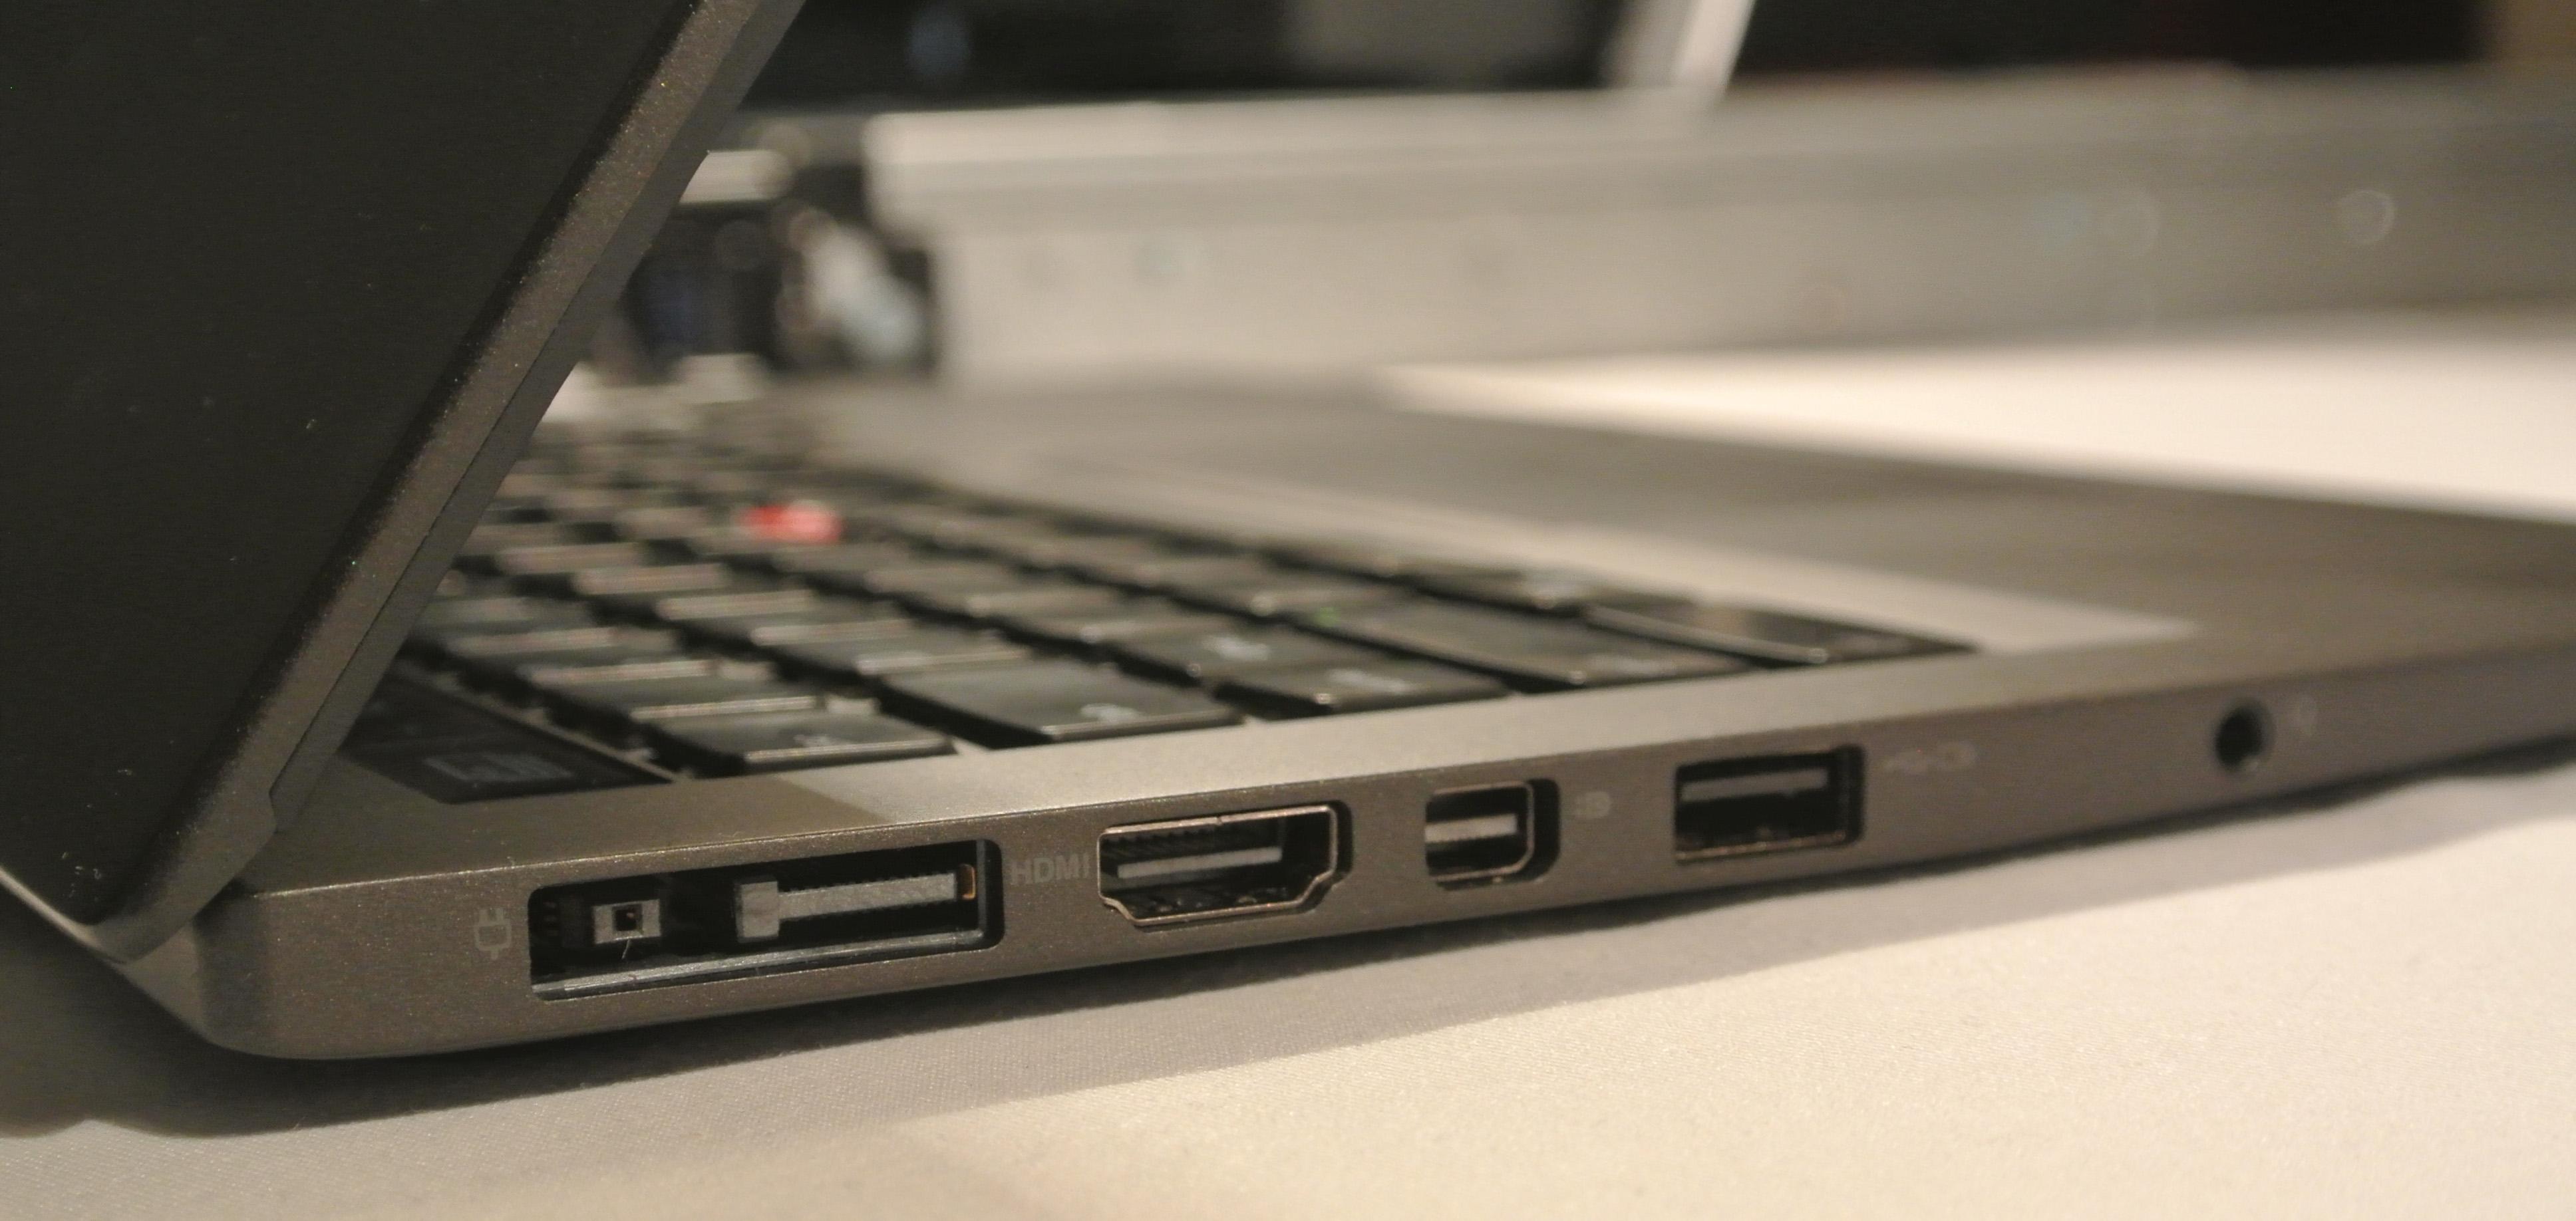 ThinkPad X1 Carbon, czyli mój nowy, wymarzony notebook – pierwsze wrażenia Spider's Web